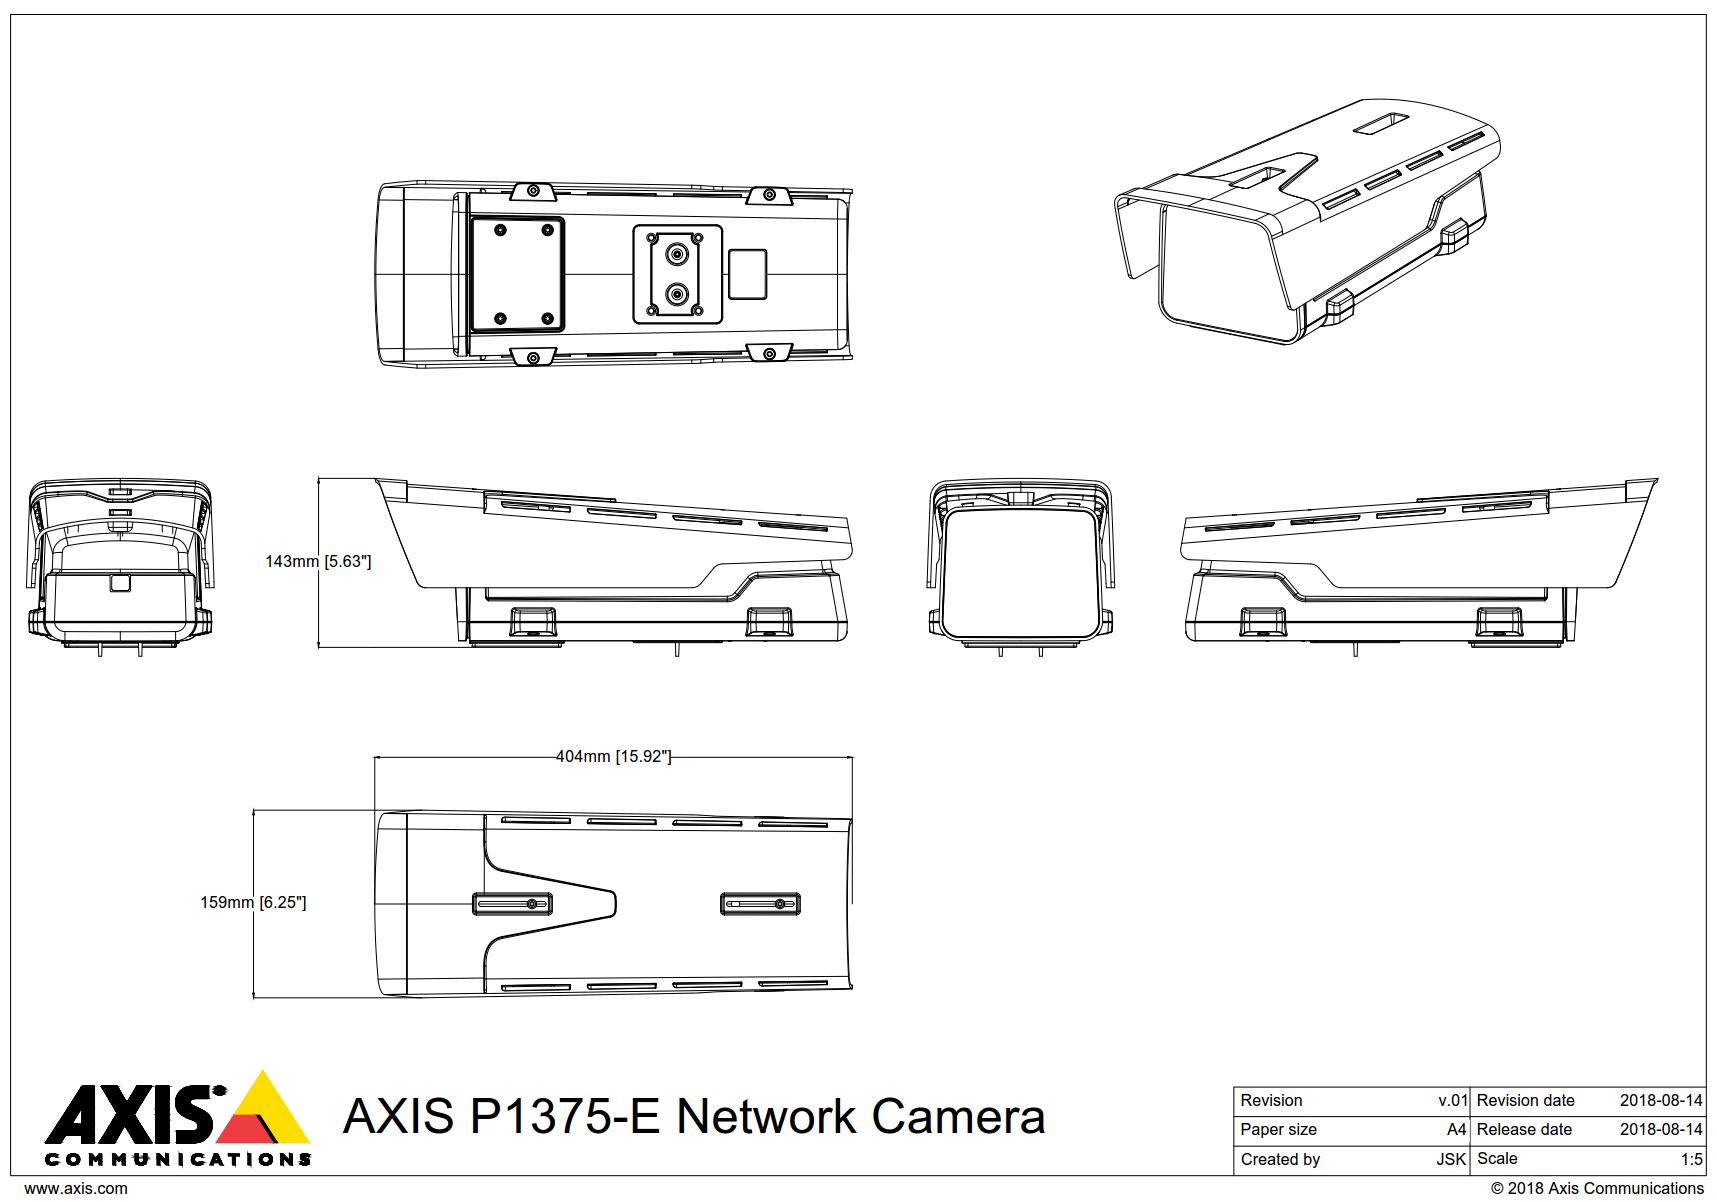 P1375-E Dimensions